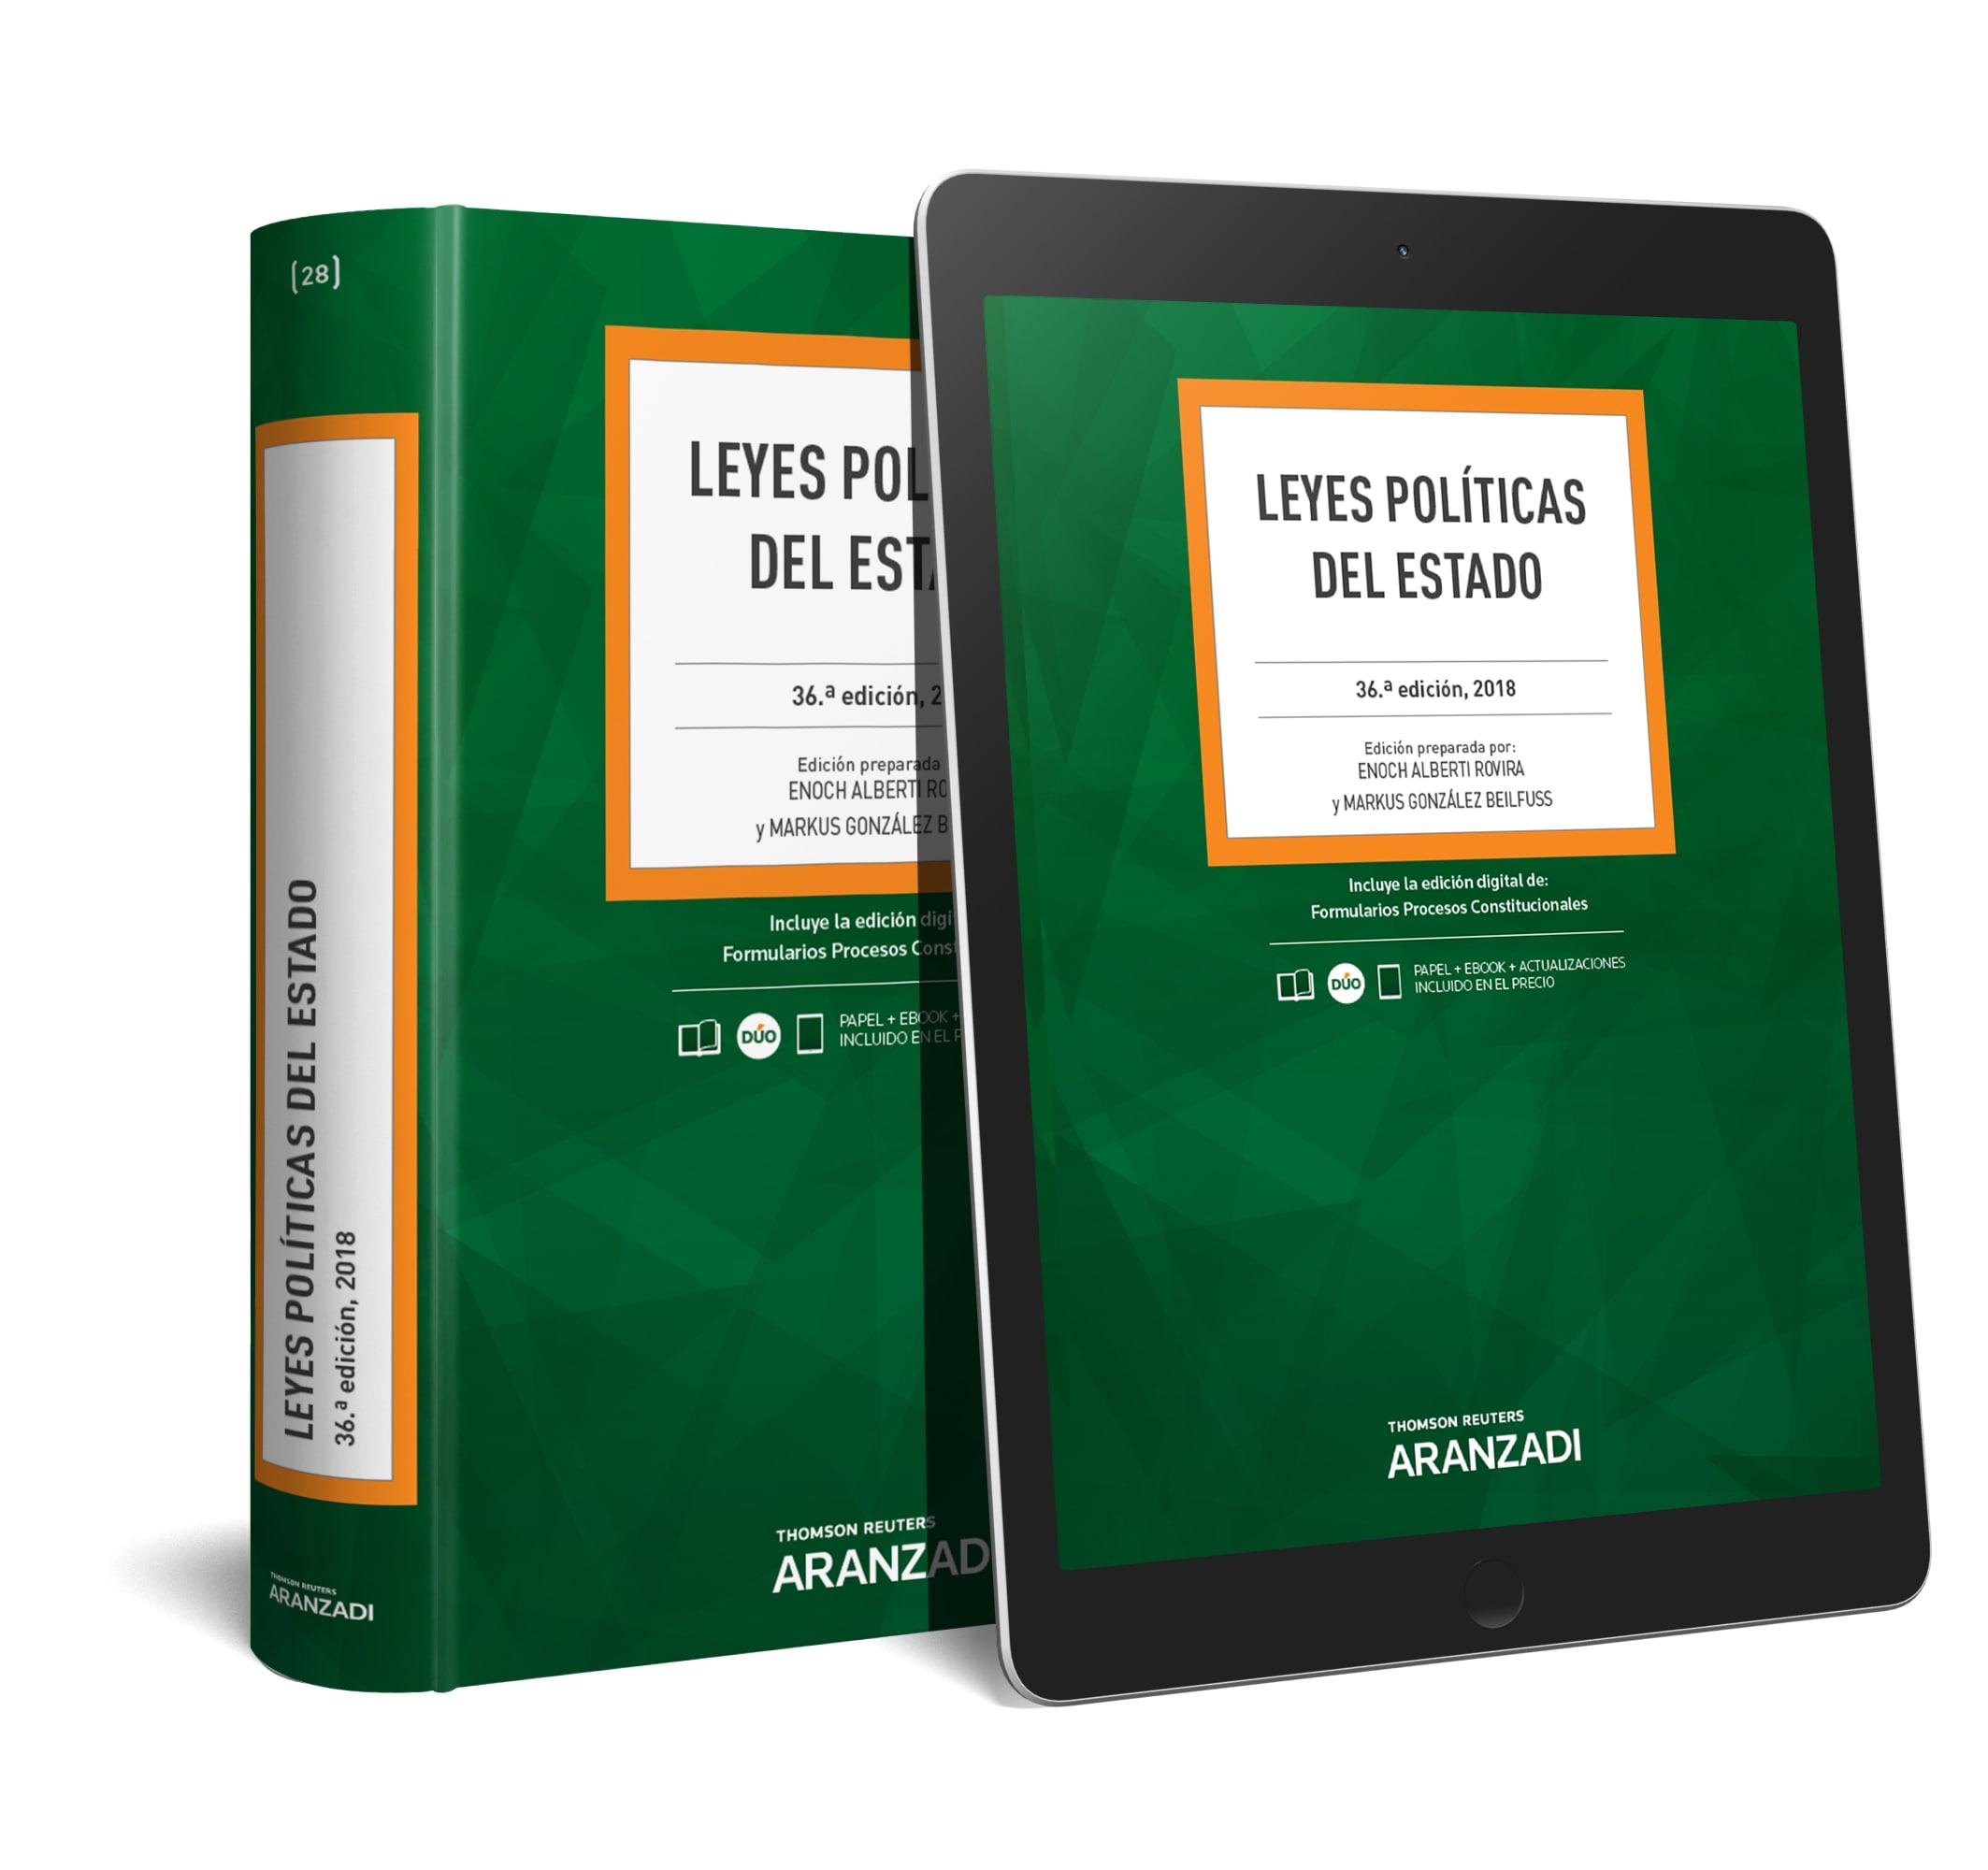 LEYES POLÍTICAS DEL ESTADO (DÚO)